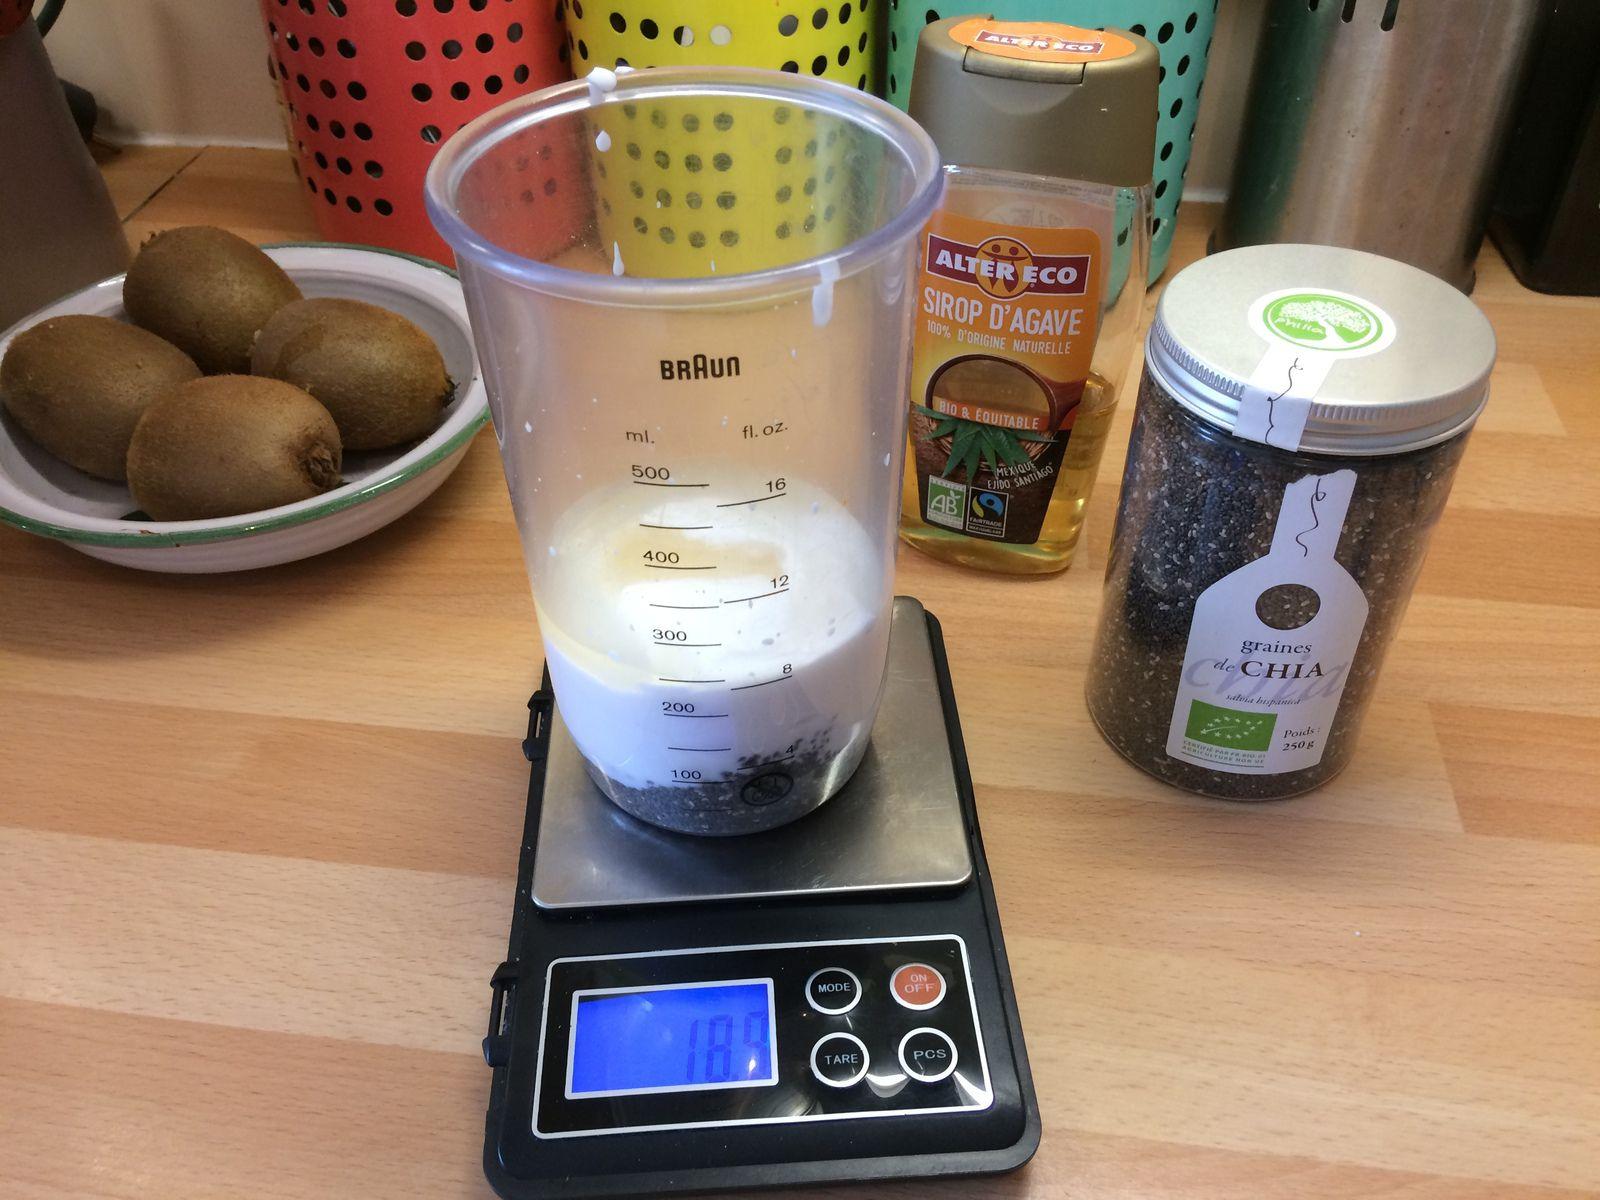 Le principe est simple mais il faut une balance assez précise pour obtenir la consistance désirée. Pour 20 cl de lait de coco fluide, on peut mettre entre 20 et 26 g de graines de chia, pour d'autres laits moins fluides, 15 g de graines donneront la bonne consistance. Il faut bien presser la brique de lait de coco pour avoir la bonne quantité (environ 192 à 194 g pour 20 cl).